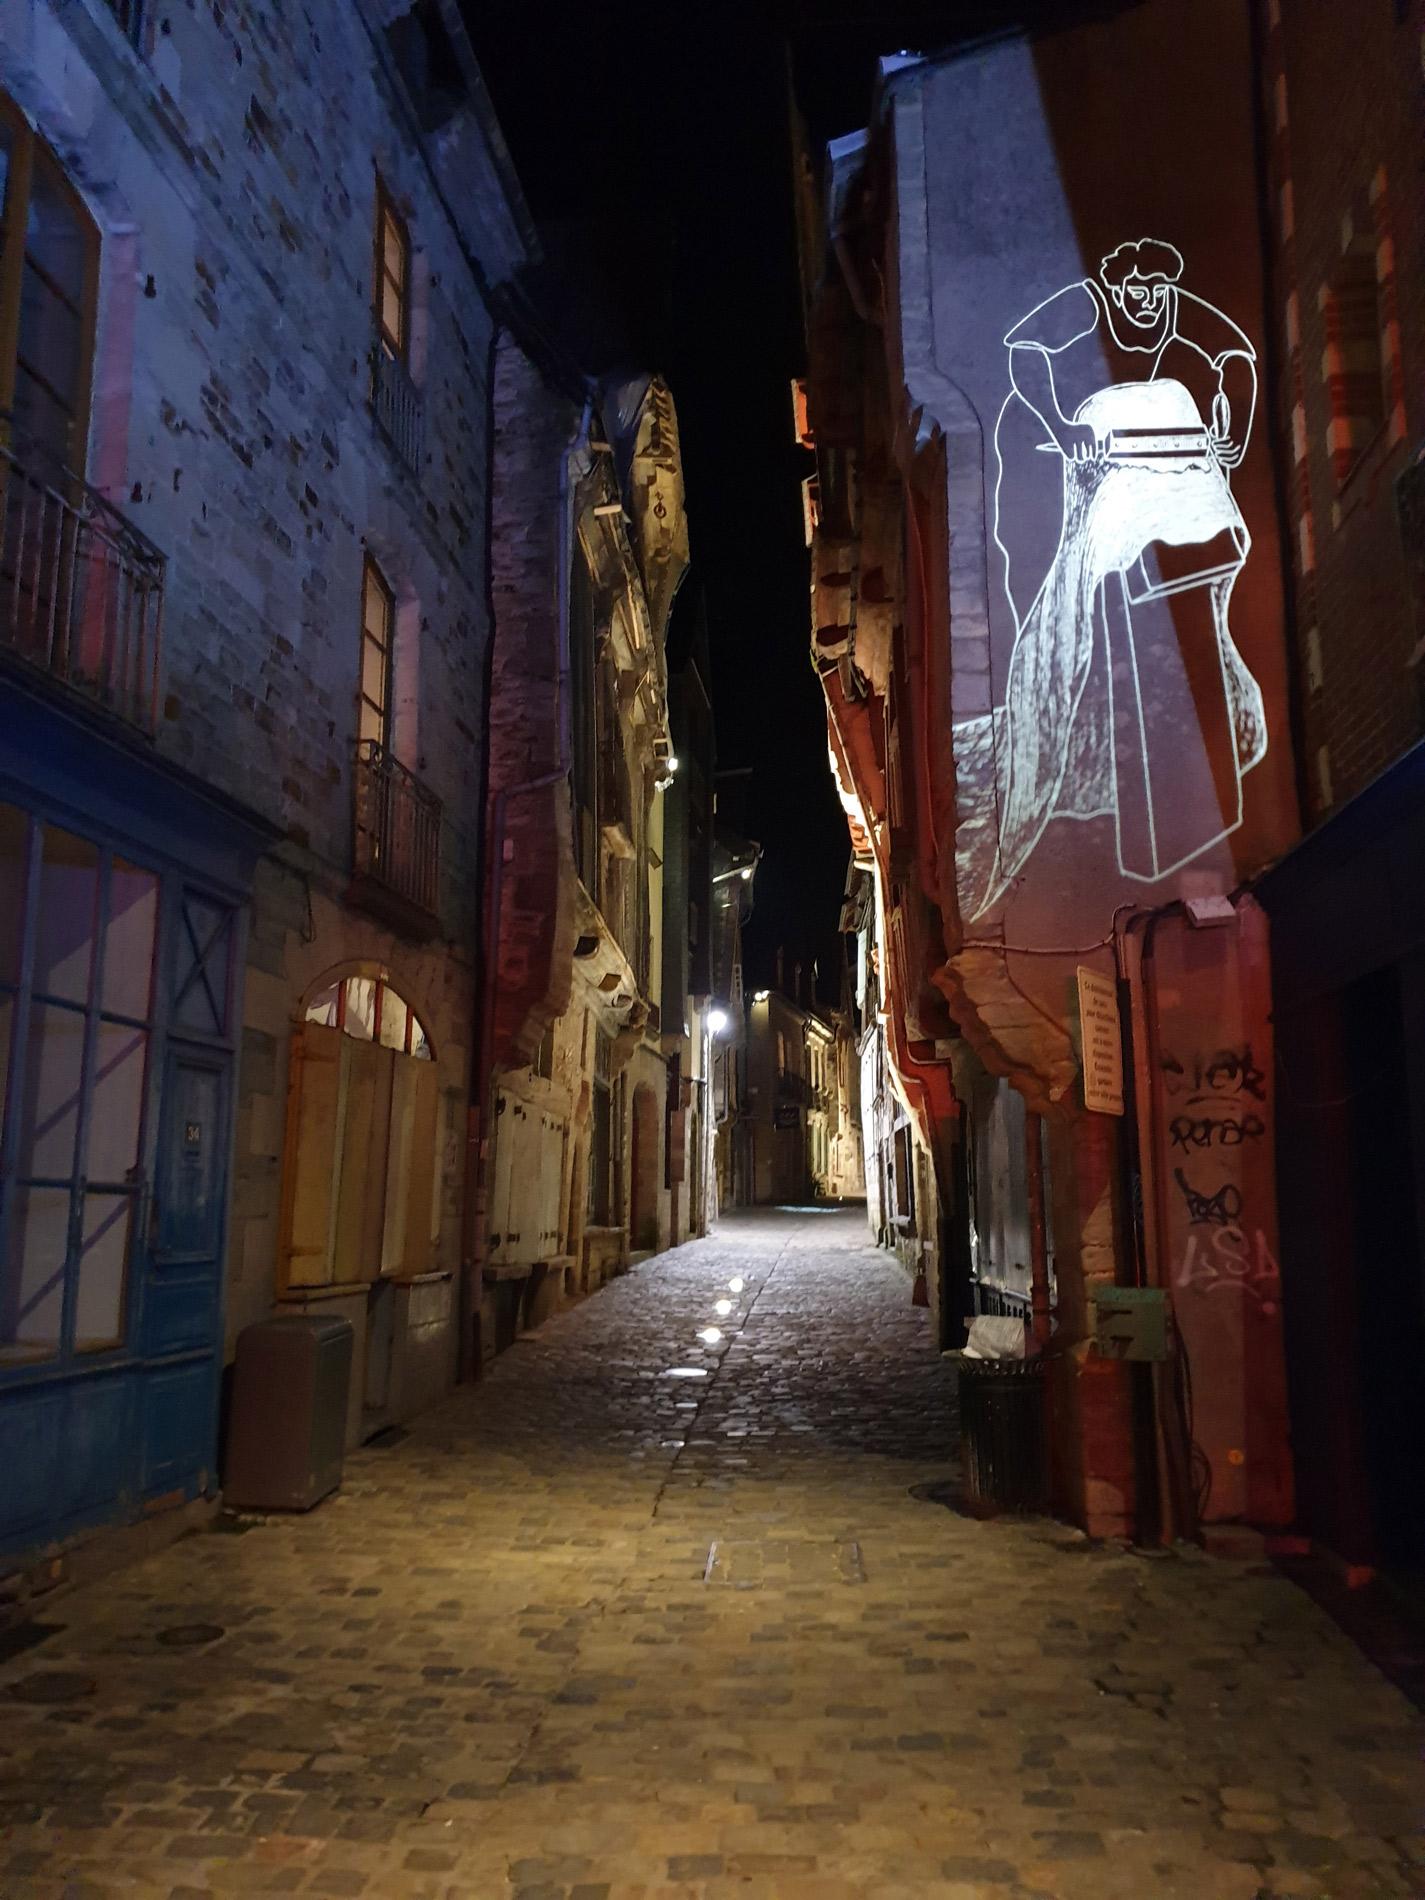 vitré rue avec projection image lumière